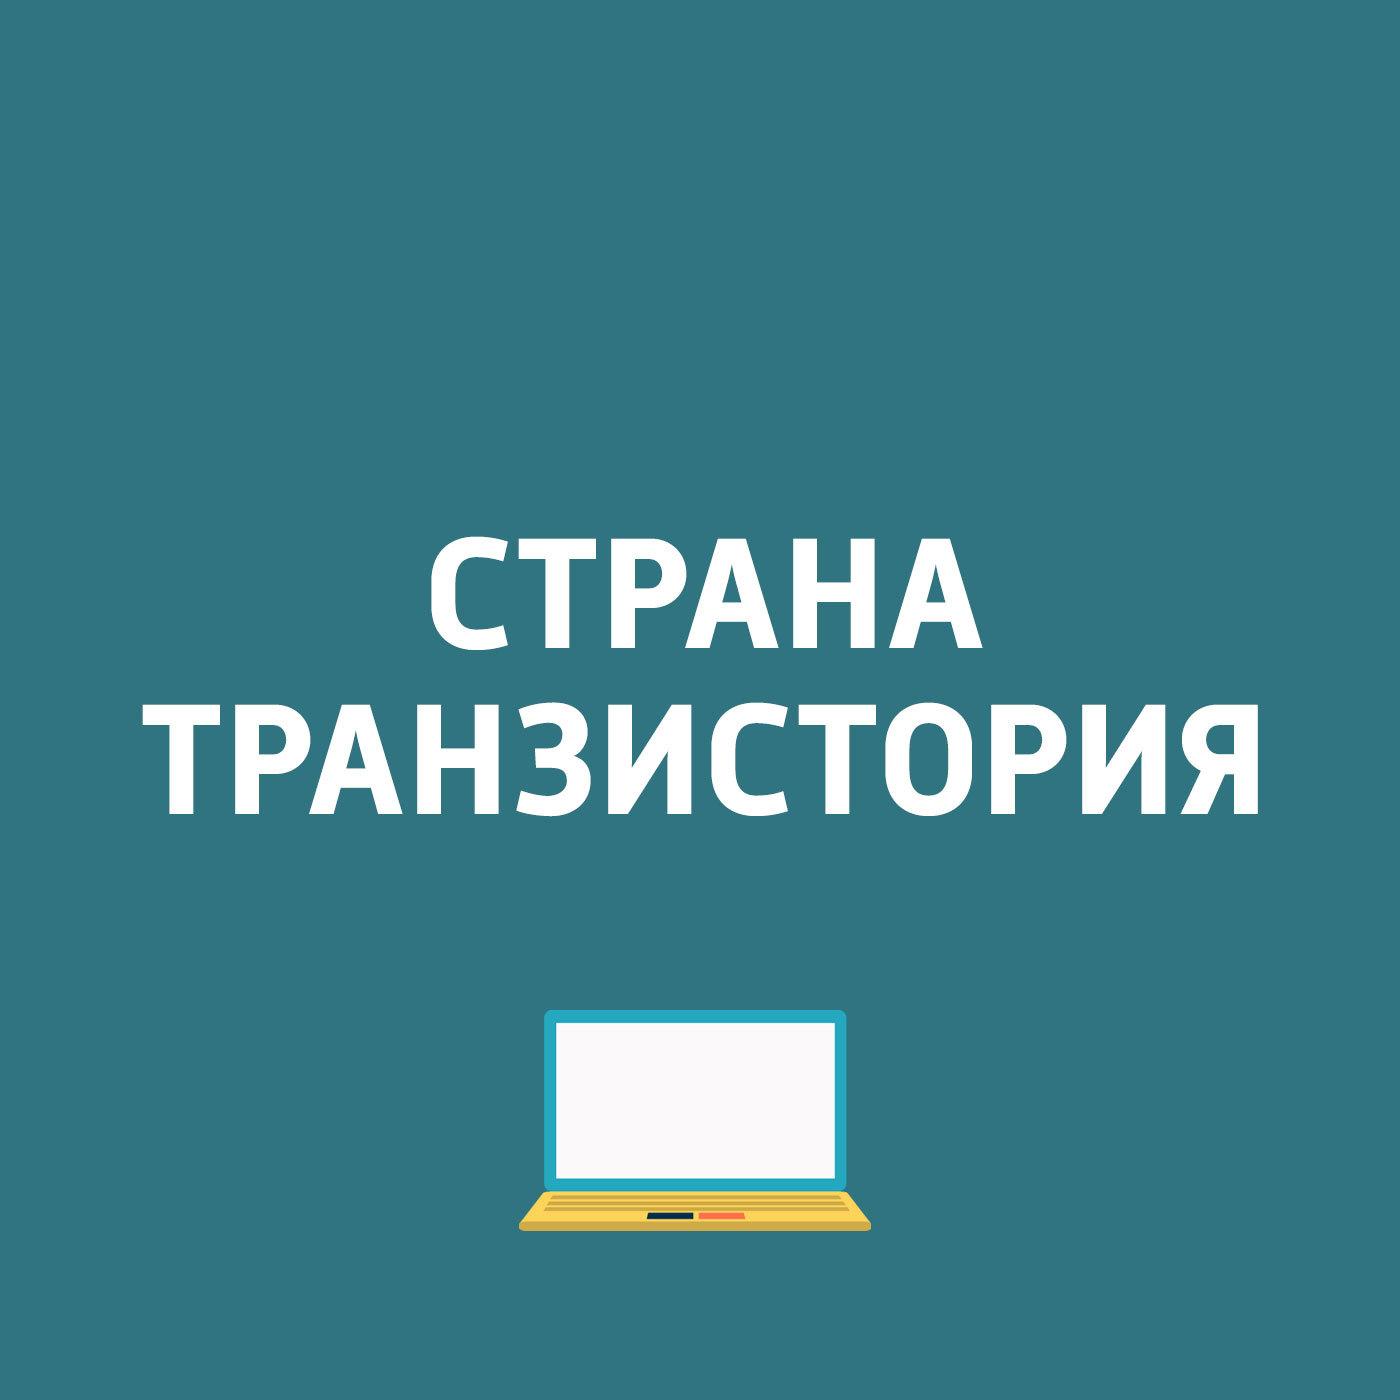 Картаев Павел 3 ноября стартовали продажи iPhone X; IDC опубликовала результаты продаж планшетов; Фейковый WhatsApp подсветка для ноутбука